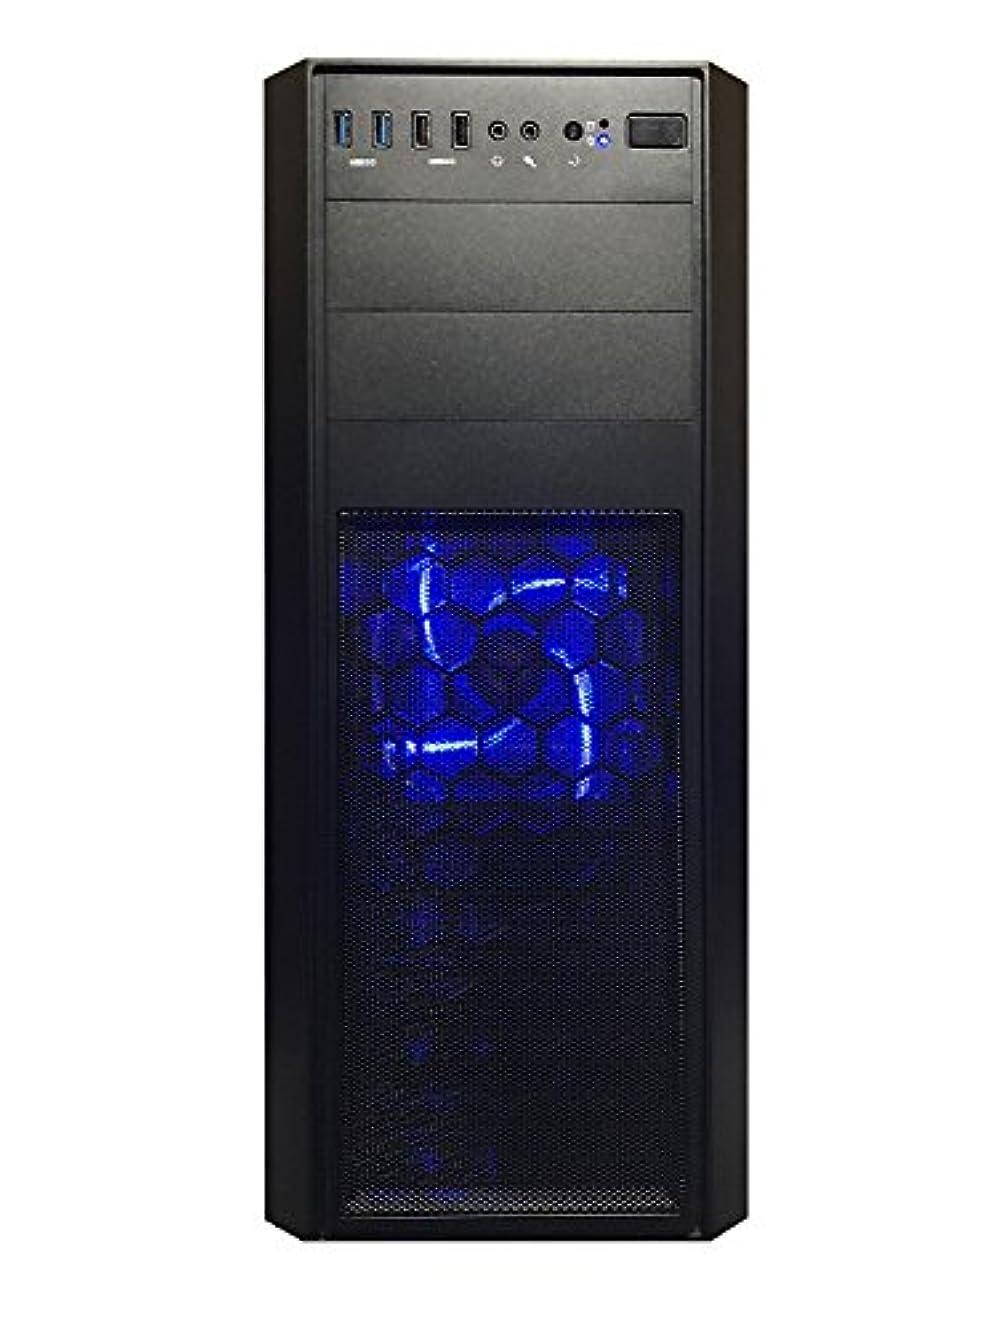 確立部族堀★ゲーミングデスクトップPC 次世代Ryzen5 2600プロセッサー搭載モデル/DDR4-8GB/HDD1TB/office/USB3.0対応/Win10/ゲーミングパソコン GTX1050Tモデル, ブラック&青色LED